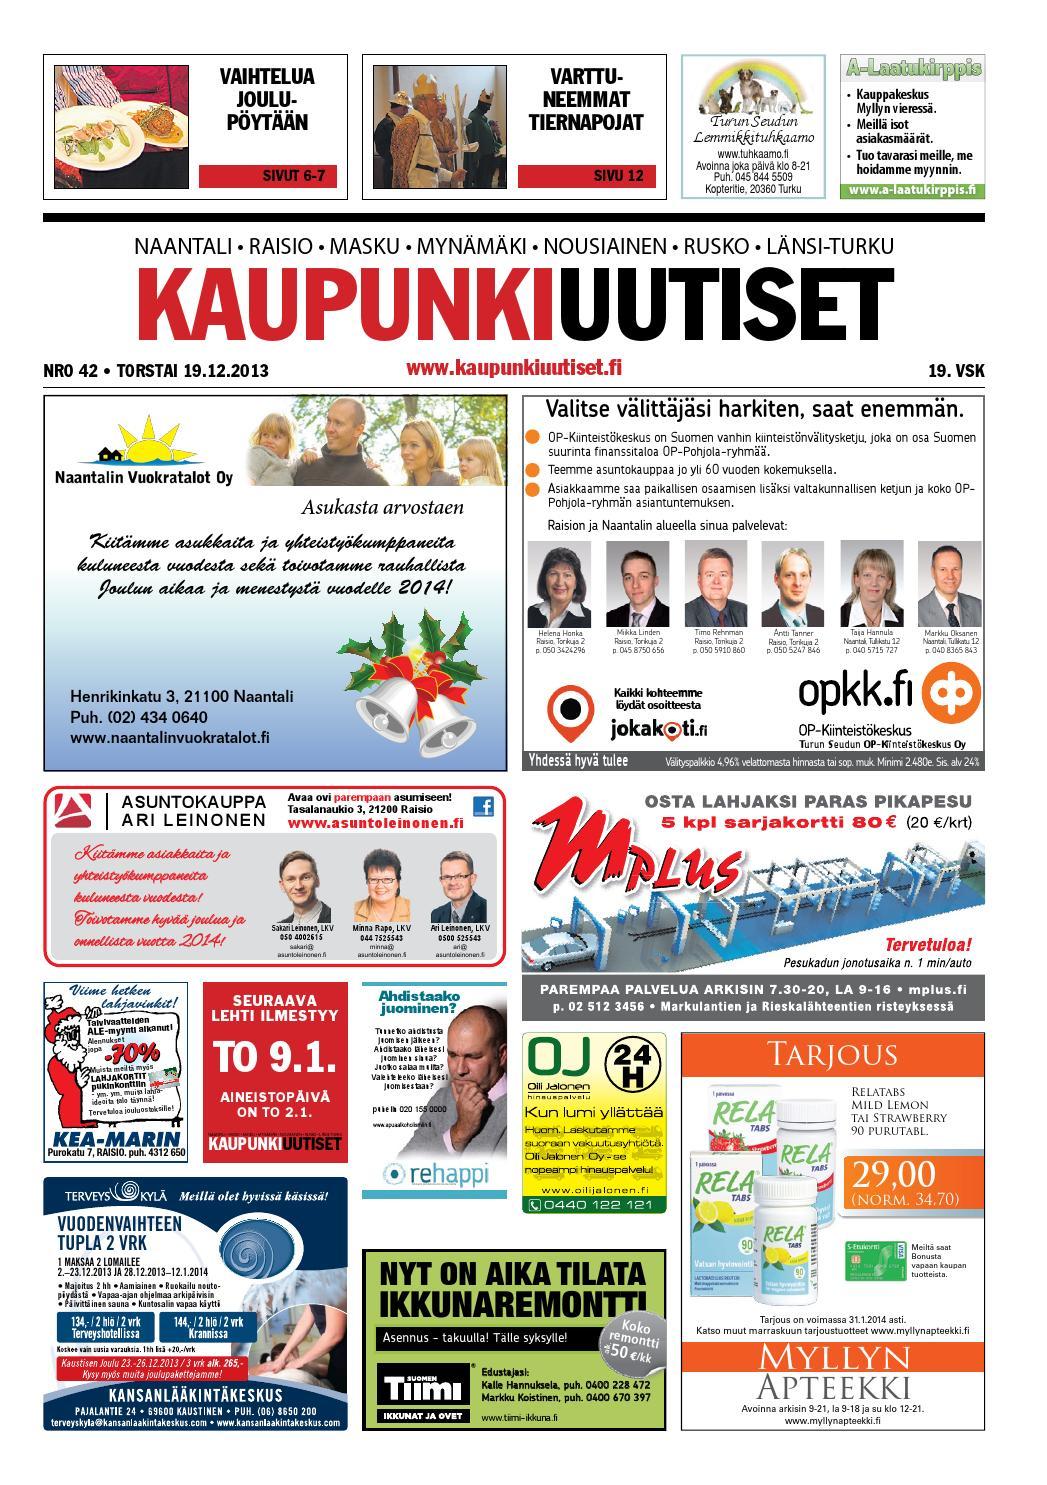 Lisää treenimahdollisuuksia yläkouluikäisille urheilijoille – Mikkeliin, Raisioon ja Kouvolaan uusi urheiluyläkoulu